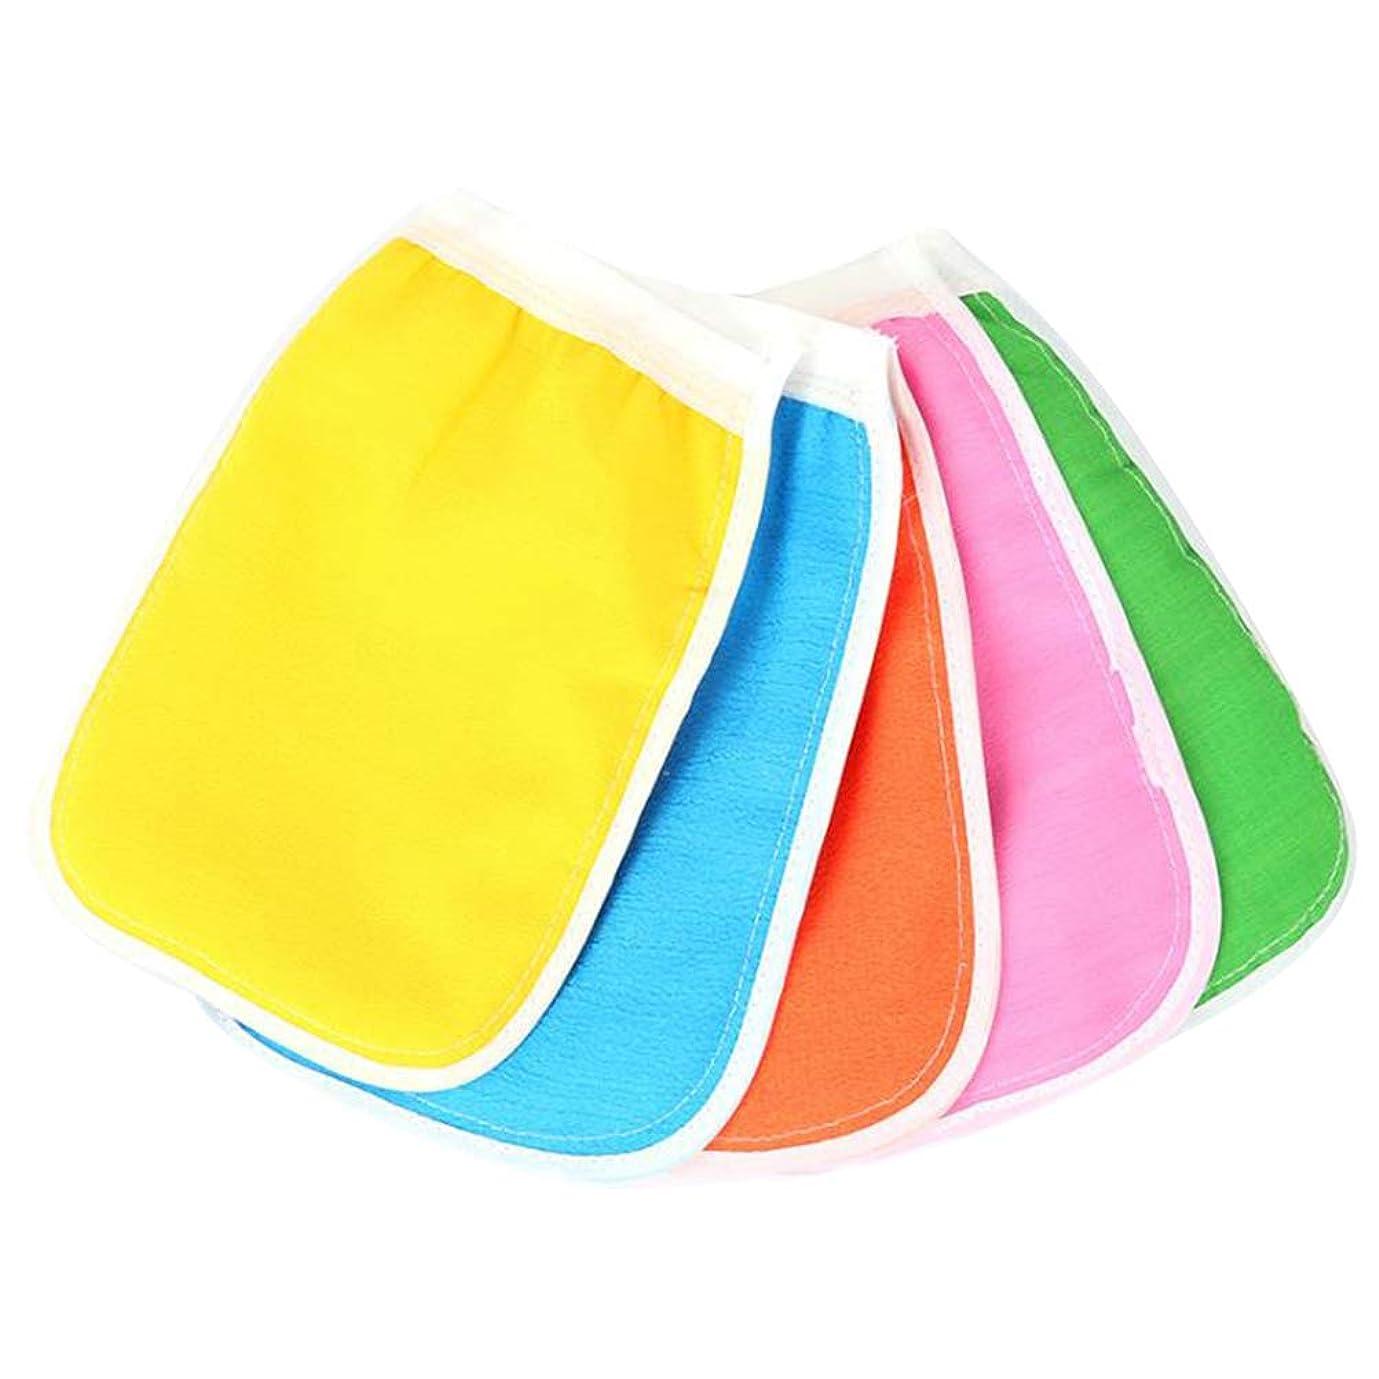 模倣笑親密なHEALIFTY ボディスクラブミトン手袋入浴シャワースパ用クレンジングツール(混色)のための5本の剥離手袋